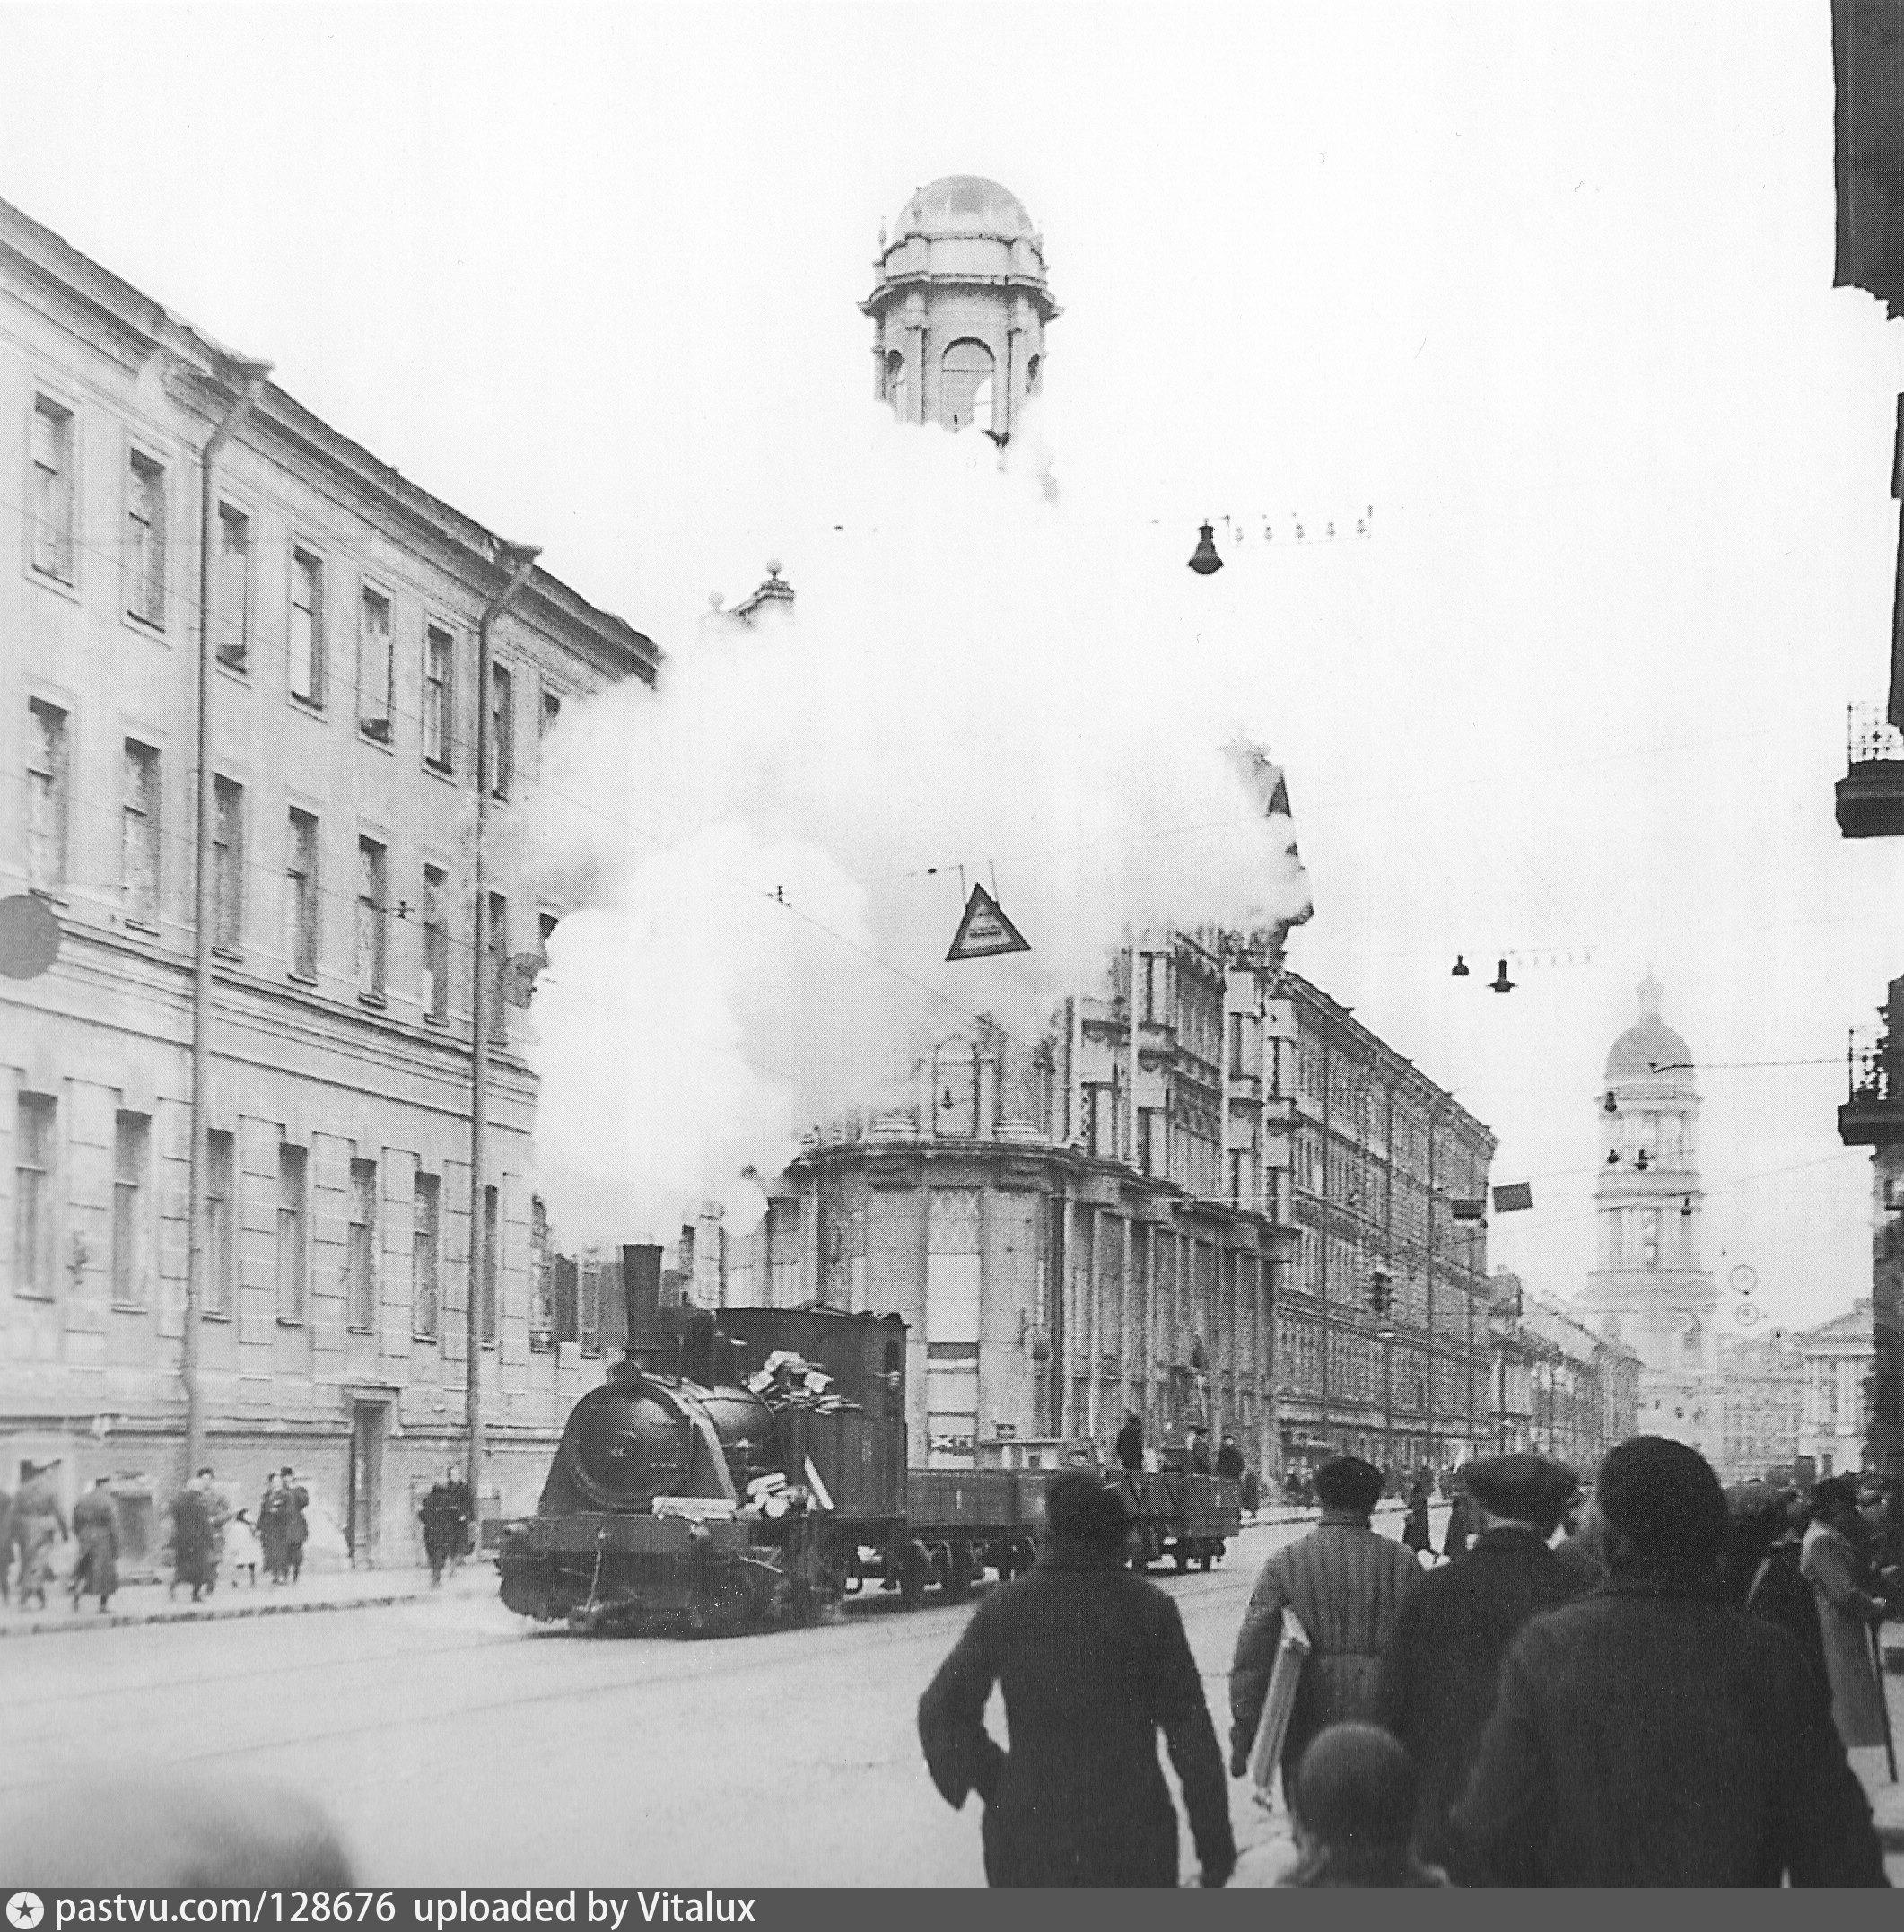 К линии фронта на паровом трамвае через блокадный Ленинград